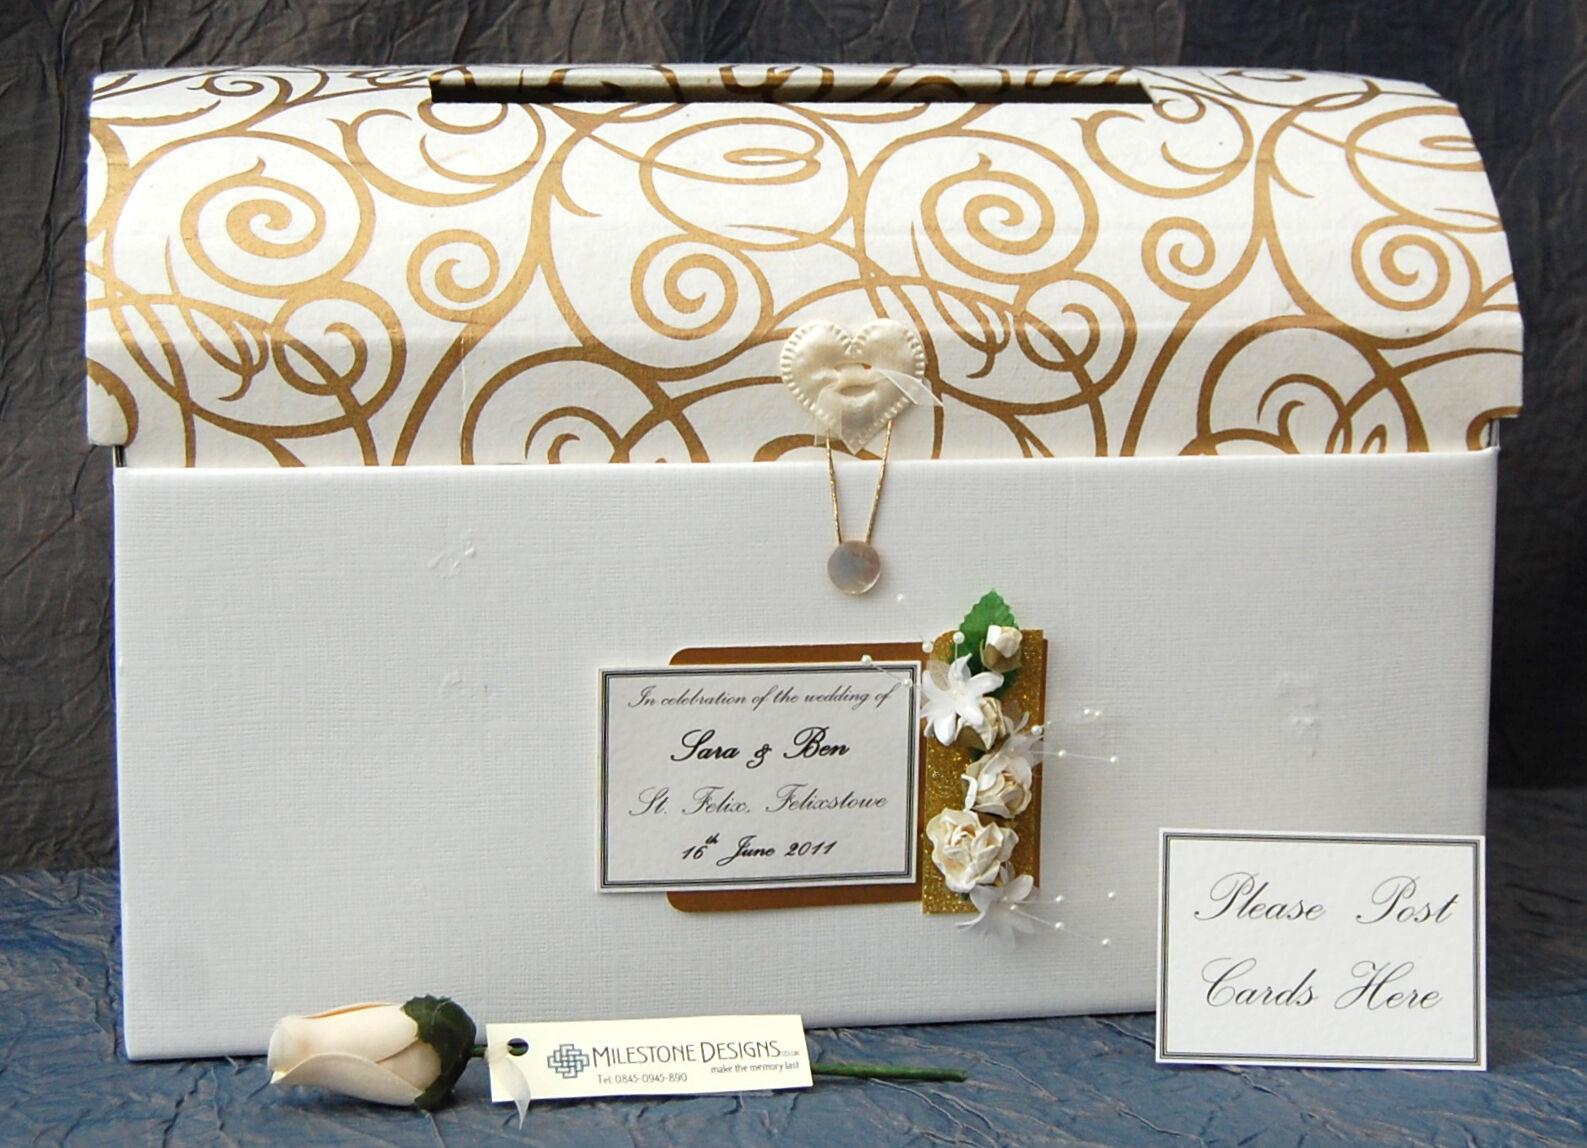 Personalizzata anniversario POST petto petto petto argentoo perla Rubino oroEN Emerald DIAMOND APC a2ac37